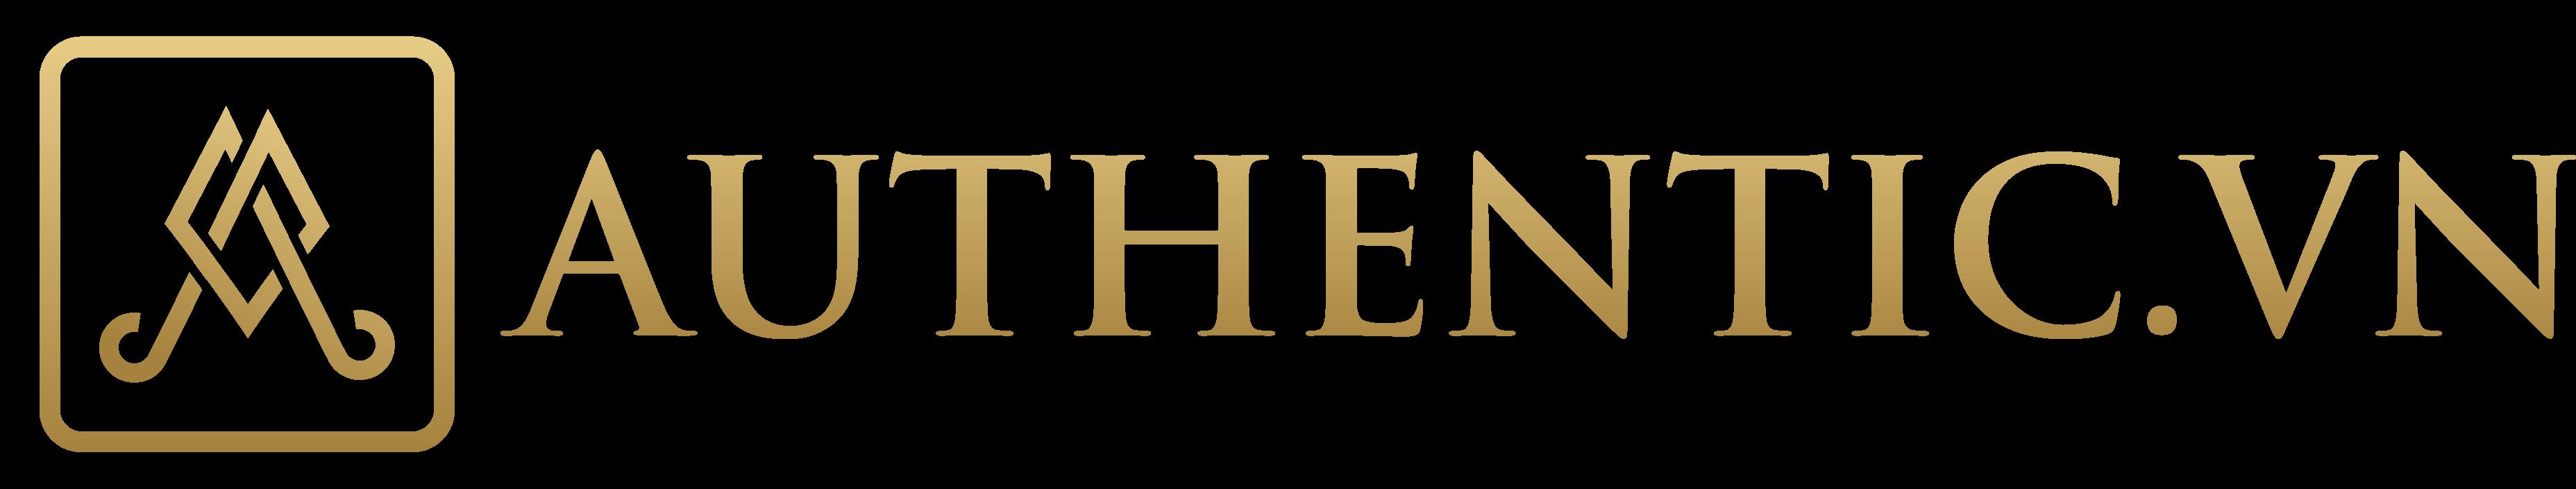 Diễn đàn mua bán hàng hiệu Authentic